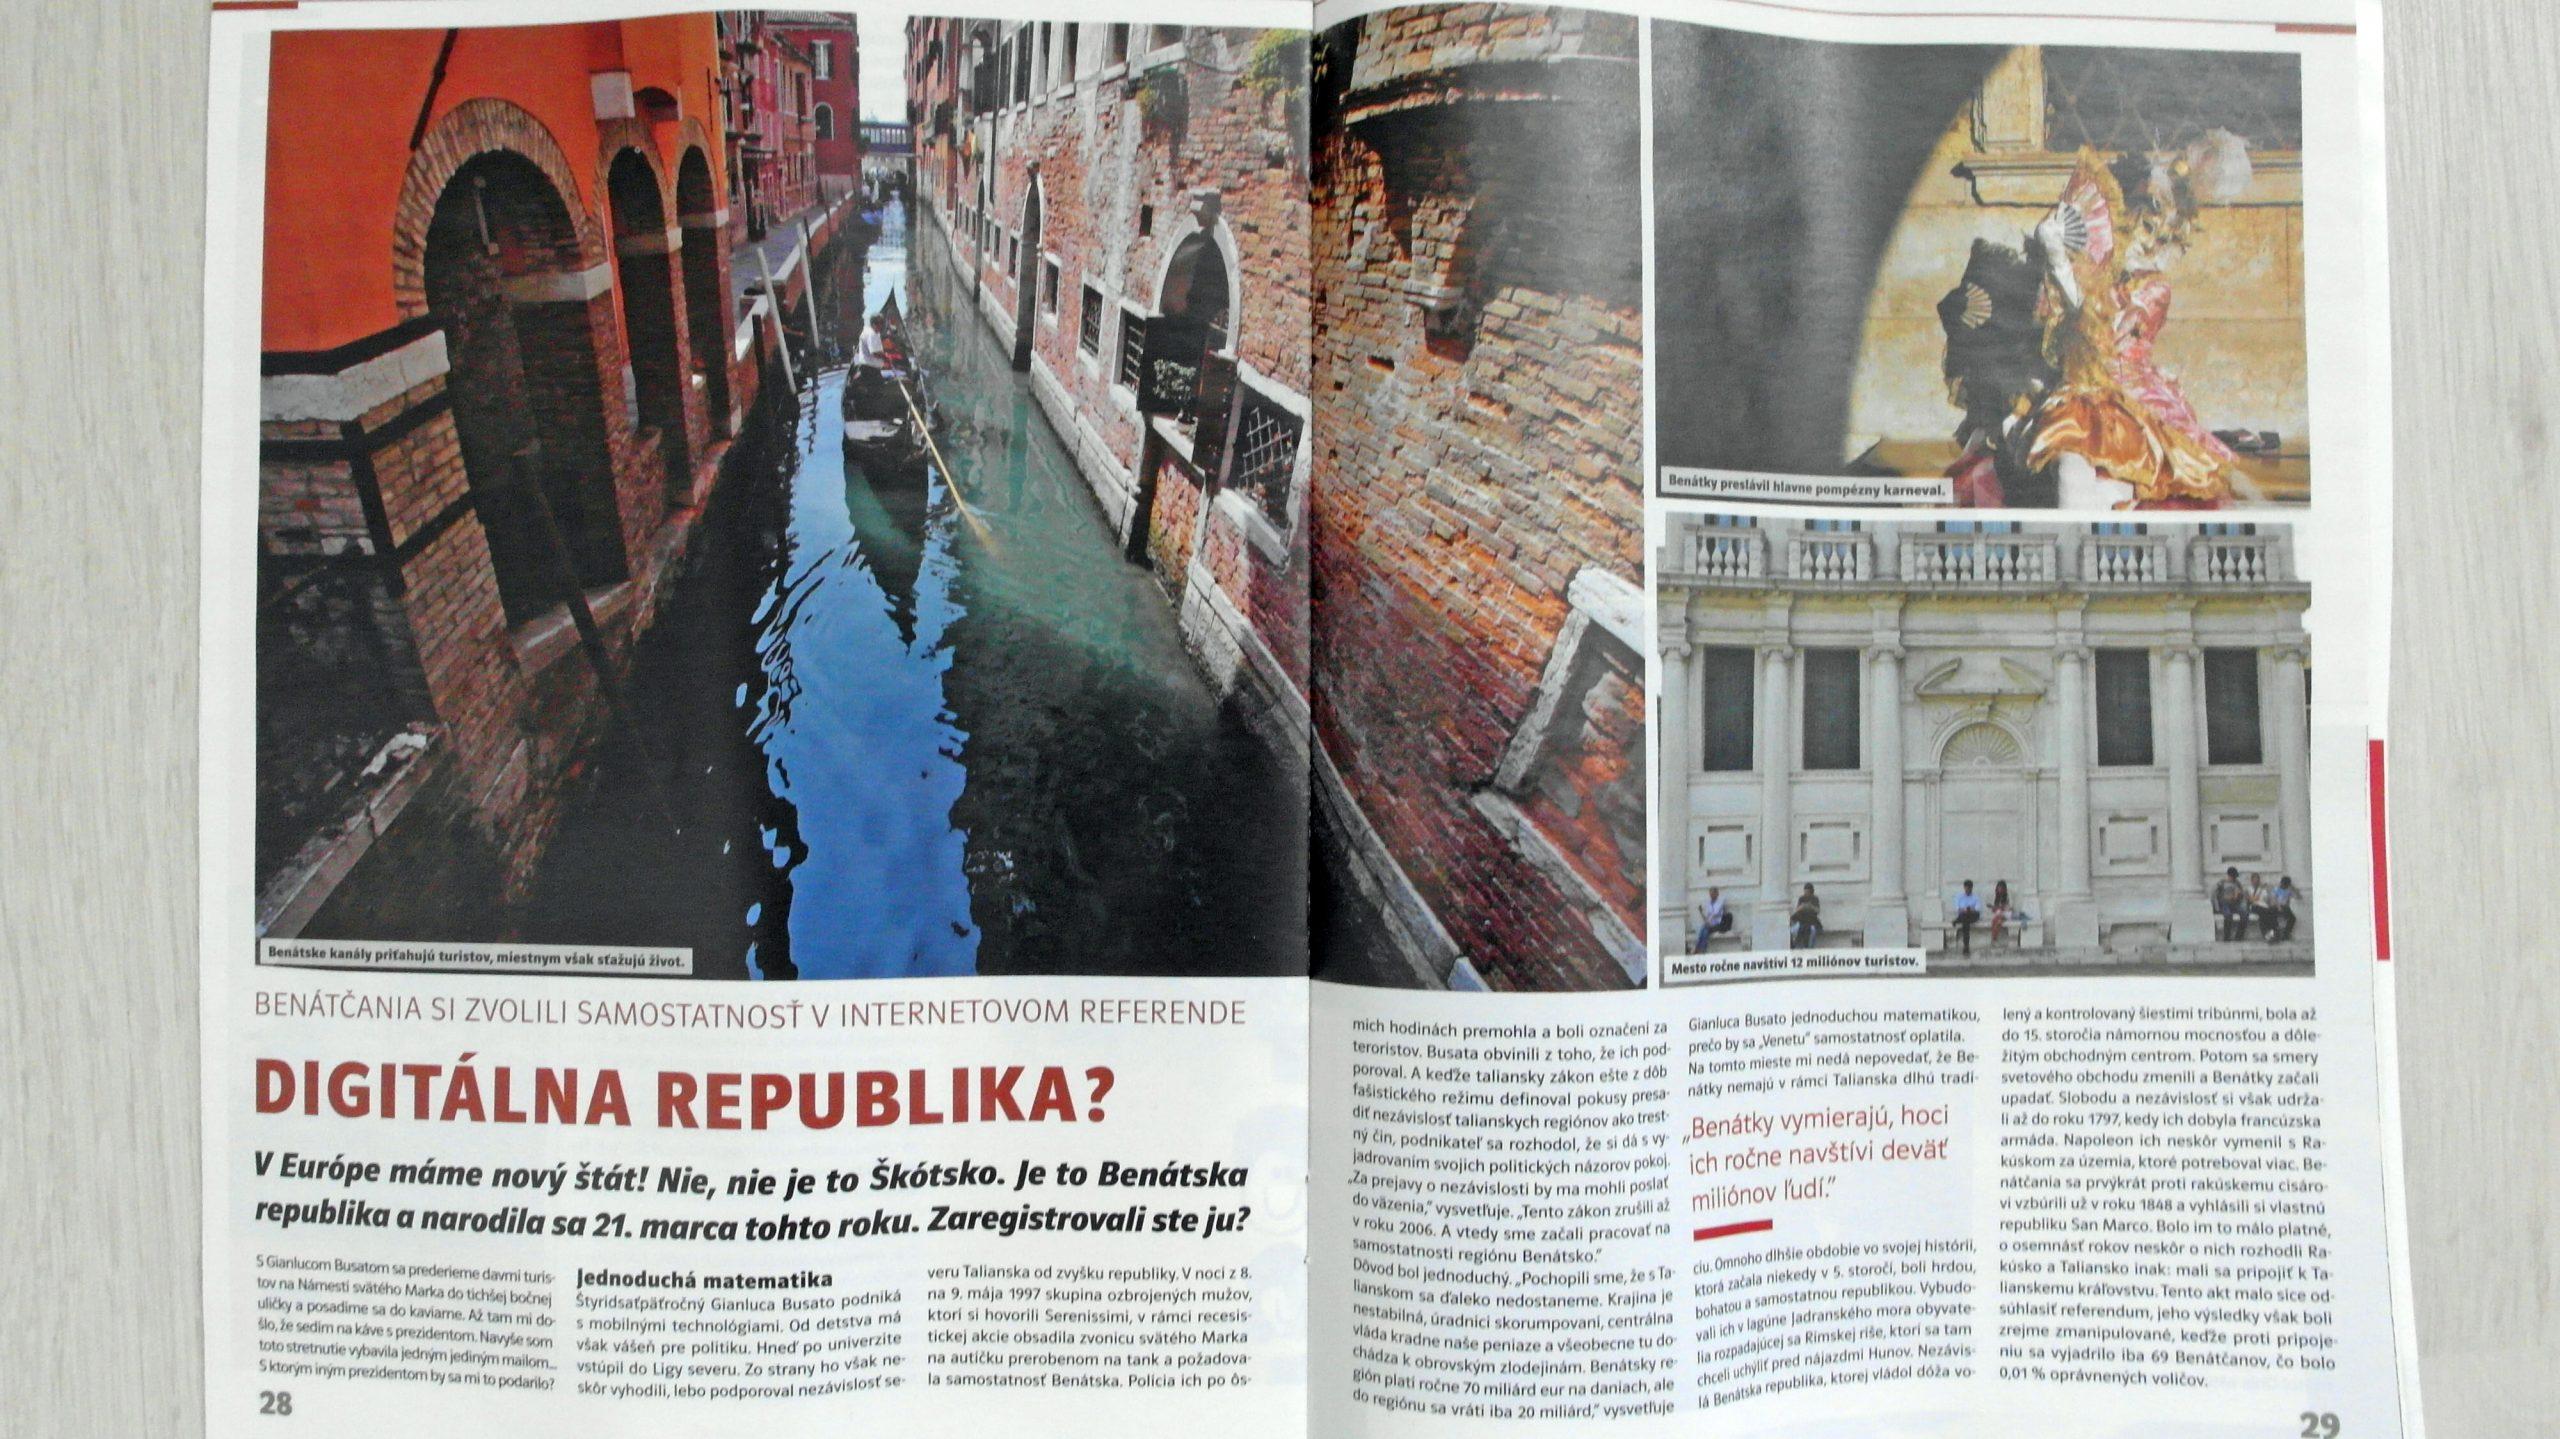 Riportiamo di seguito un lungo articolo sull'indipendenza del Veneto con intervista a Gianluca Busato di 8 facciate pubblicato su Plus7dni, il più venduto settimanale slovacco.